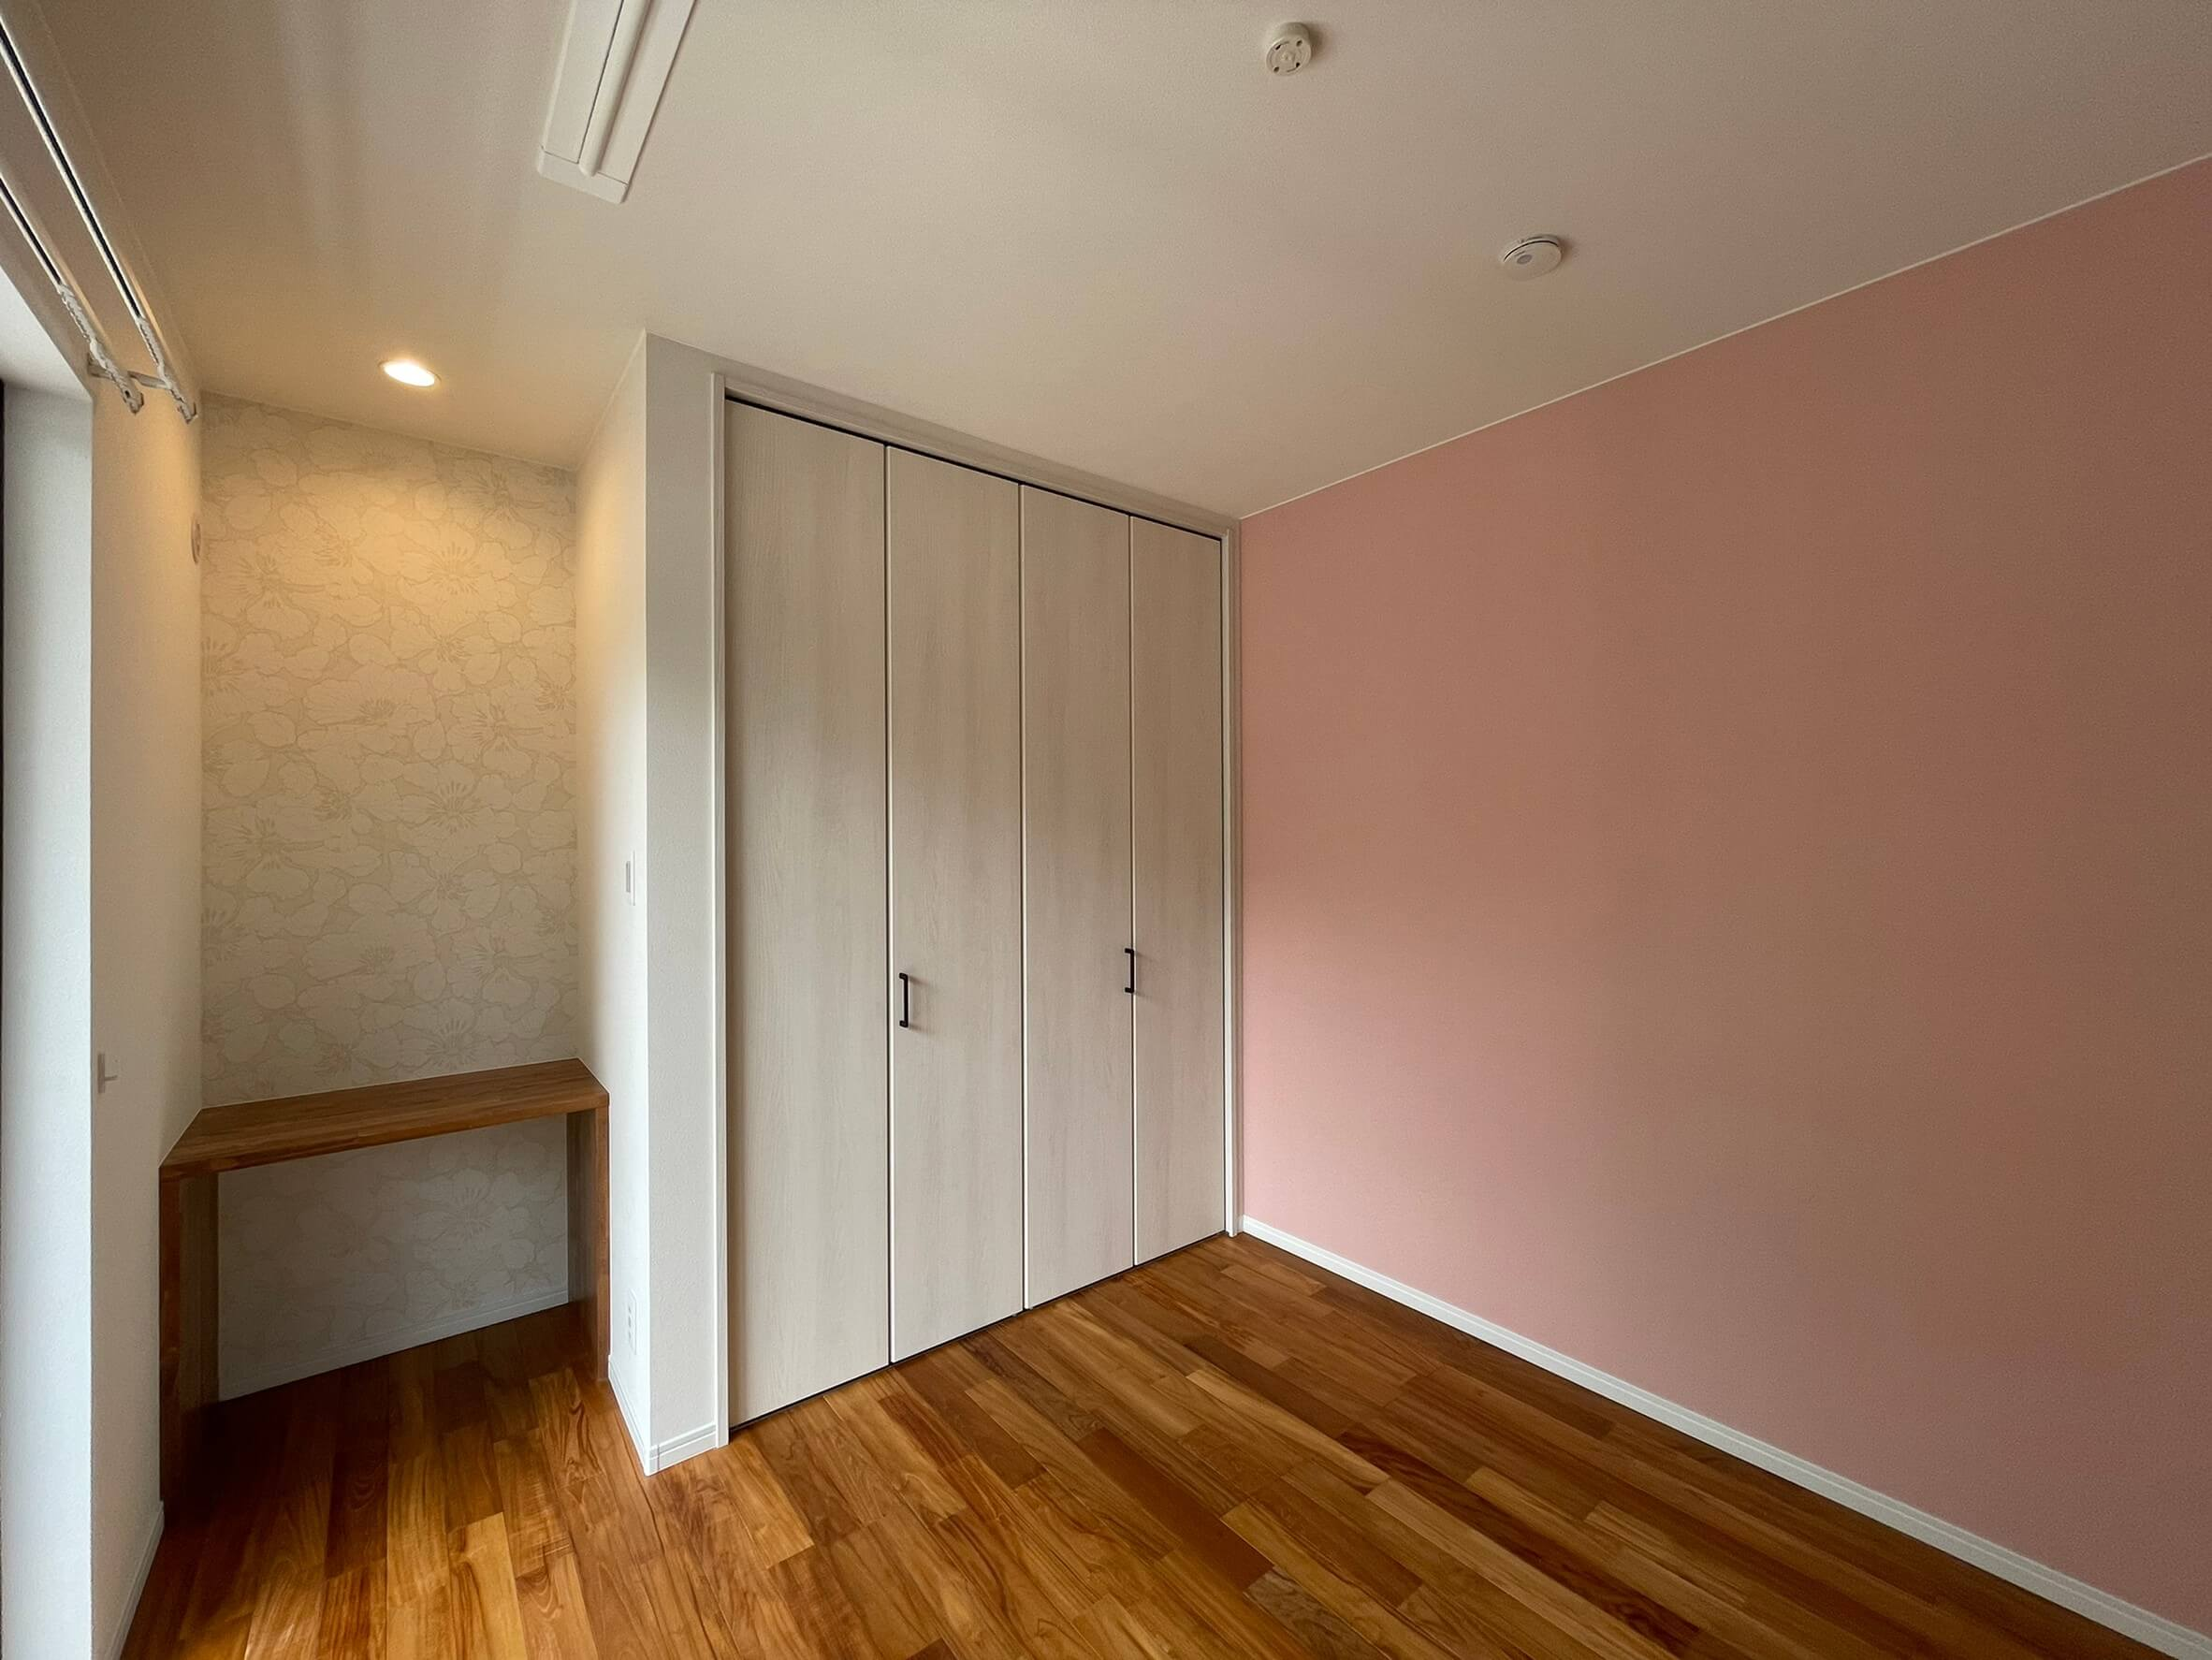 ナチュラルカントリーの家 1F 洋室